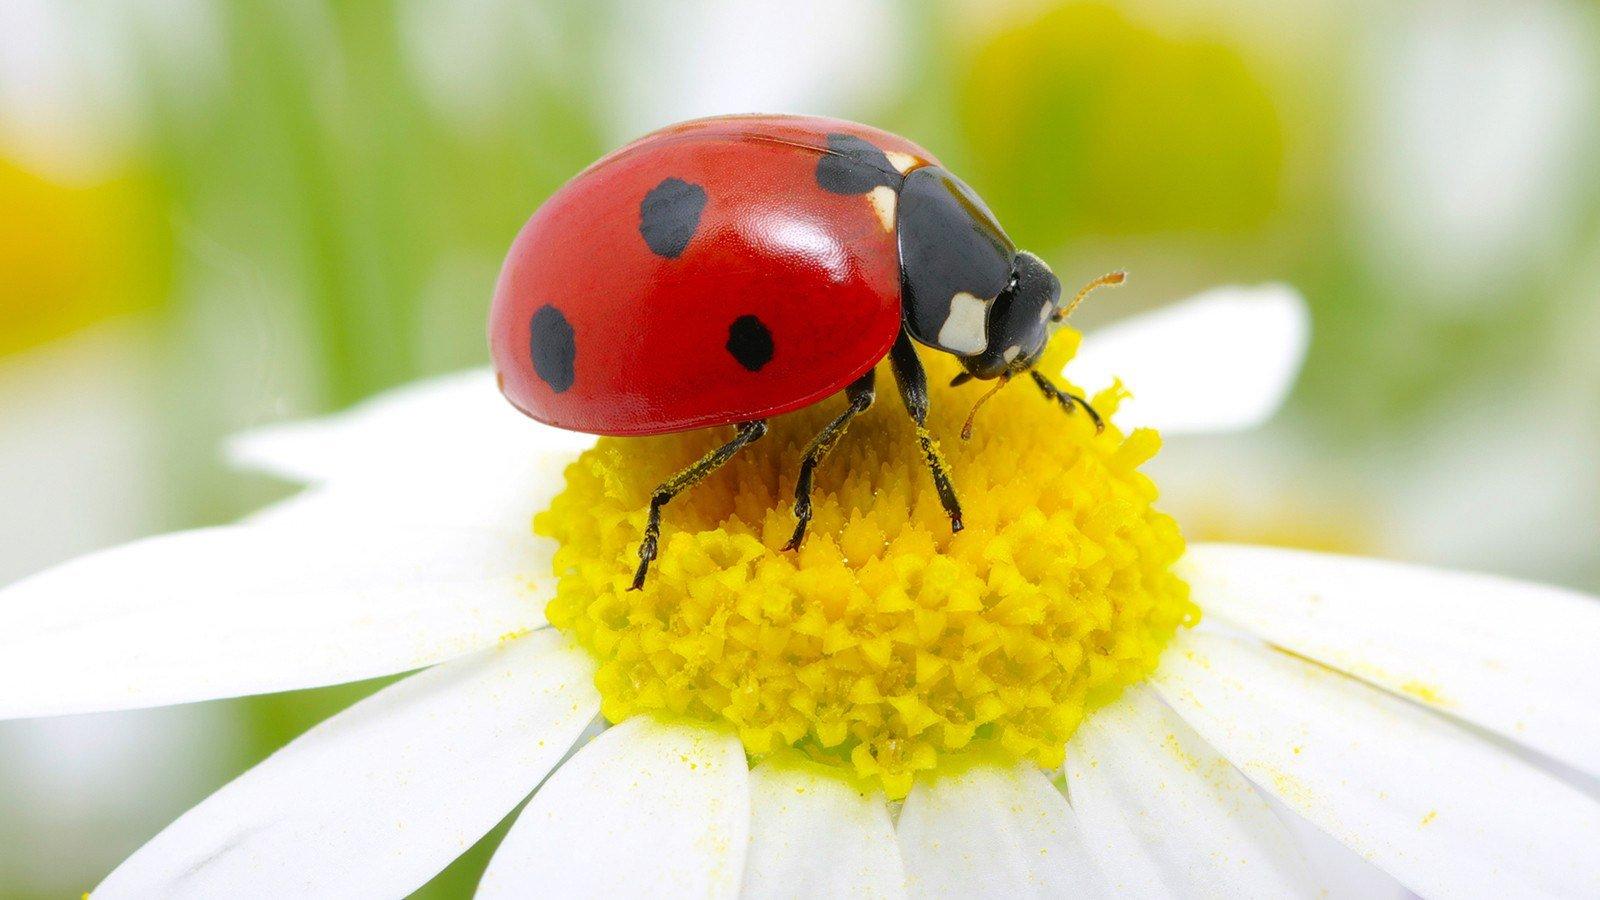 Ladybug sits on a flower petal.